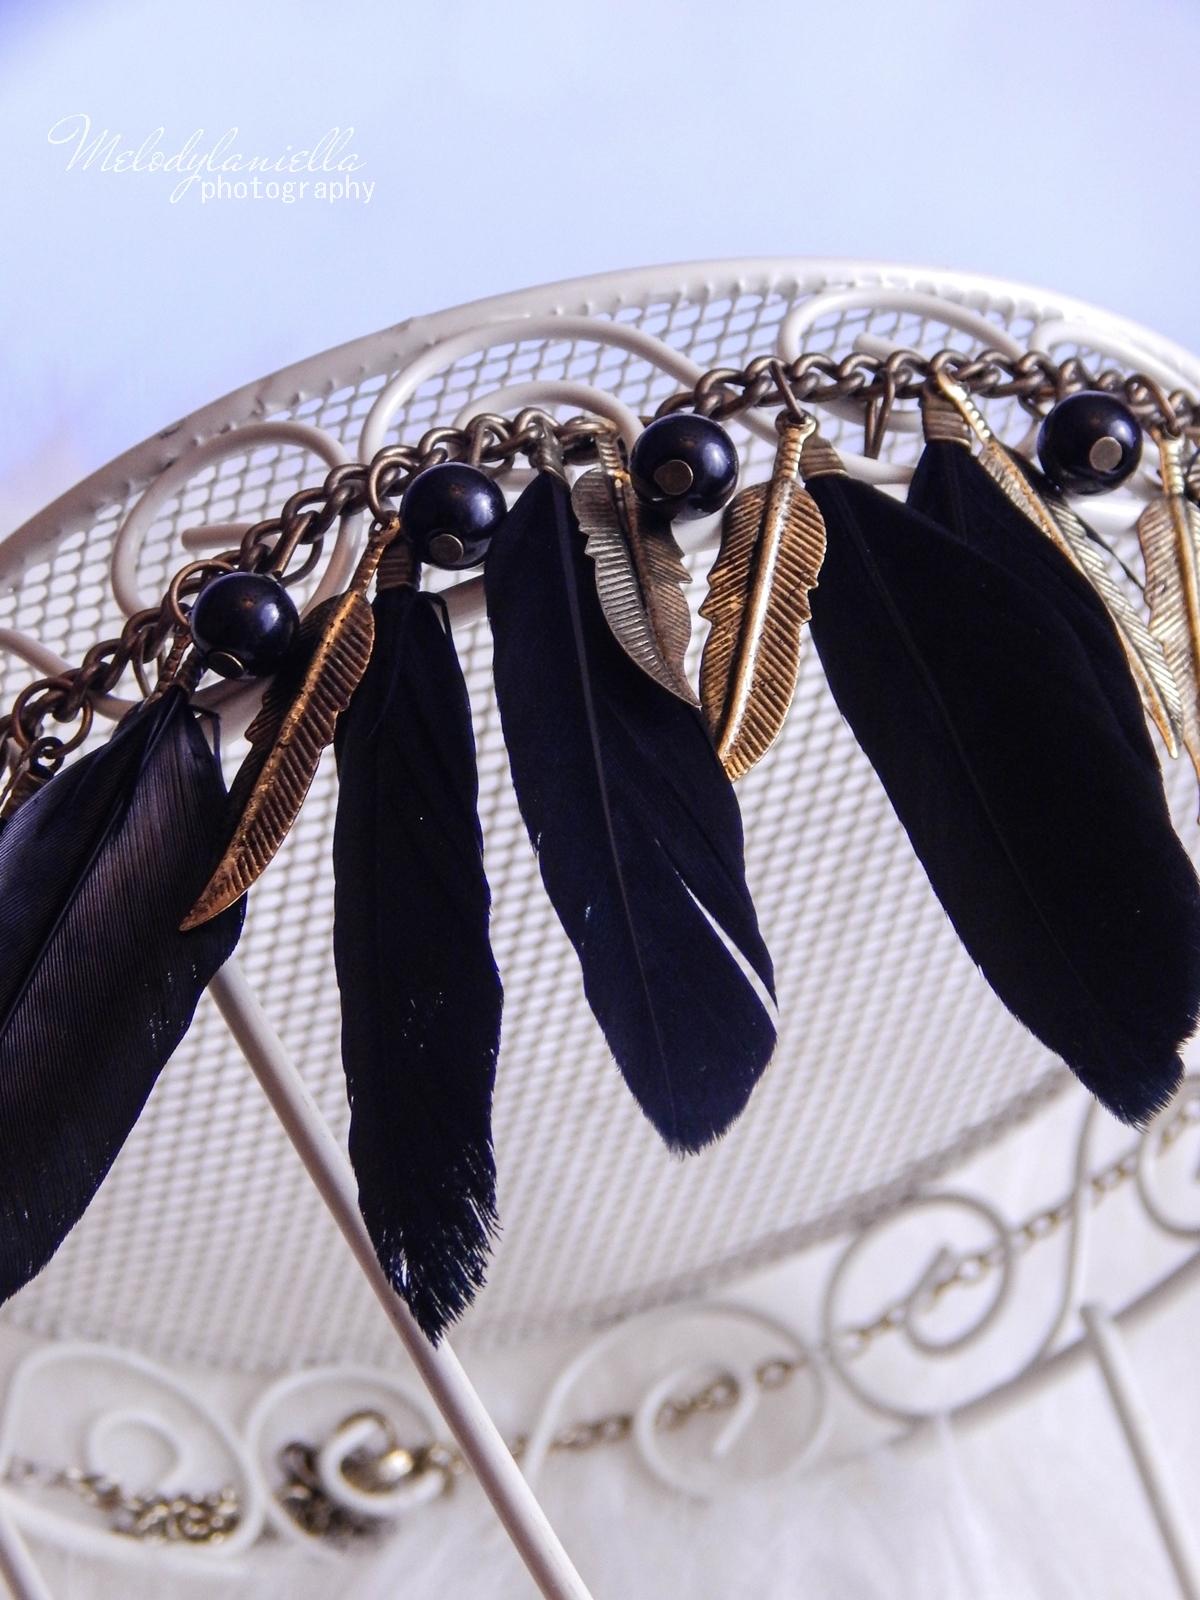 7 Biżuteria z chińskich sklepów sammydress kolczyk nausznica naszyjnik wisiorki z kryształkiem świąteczna biżuteria ciekawe dodatki stylowe zegarki pióra choker chokery złoty srebrny złoto srebro obelisk